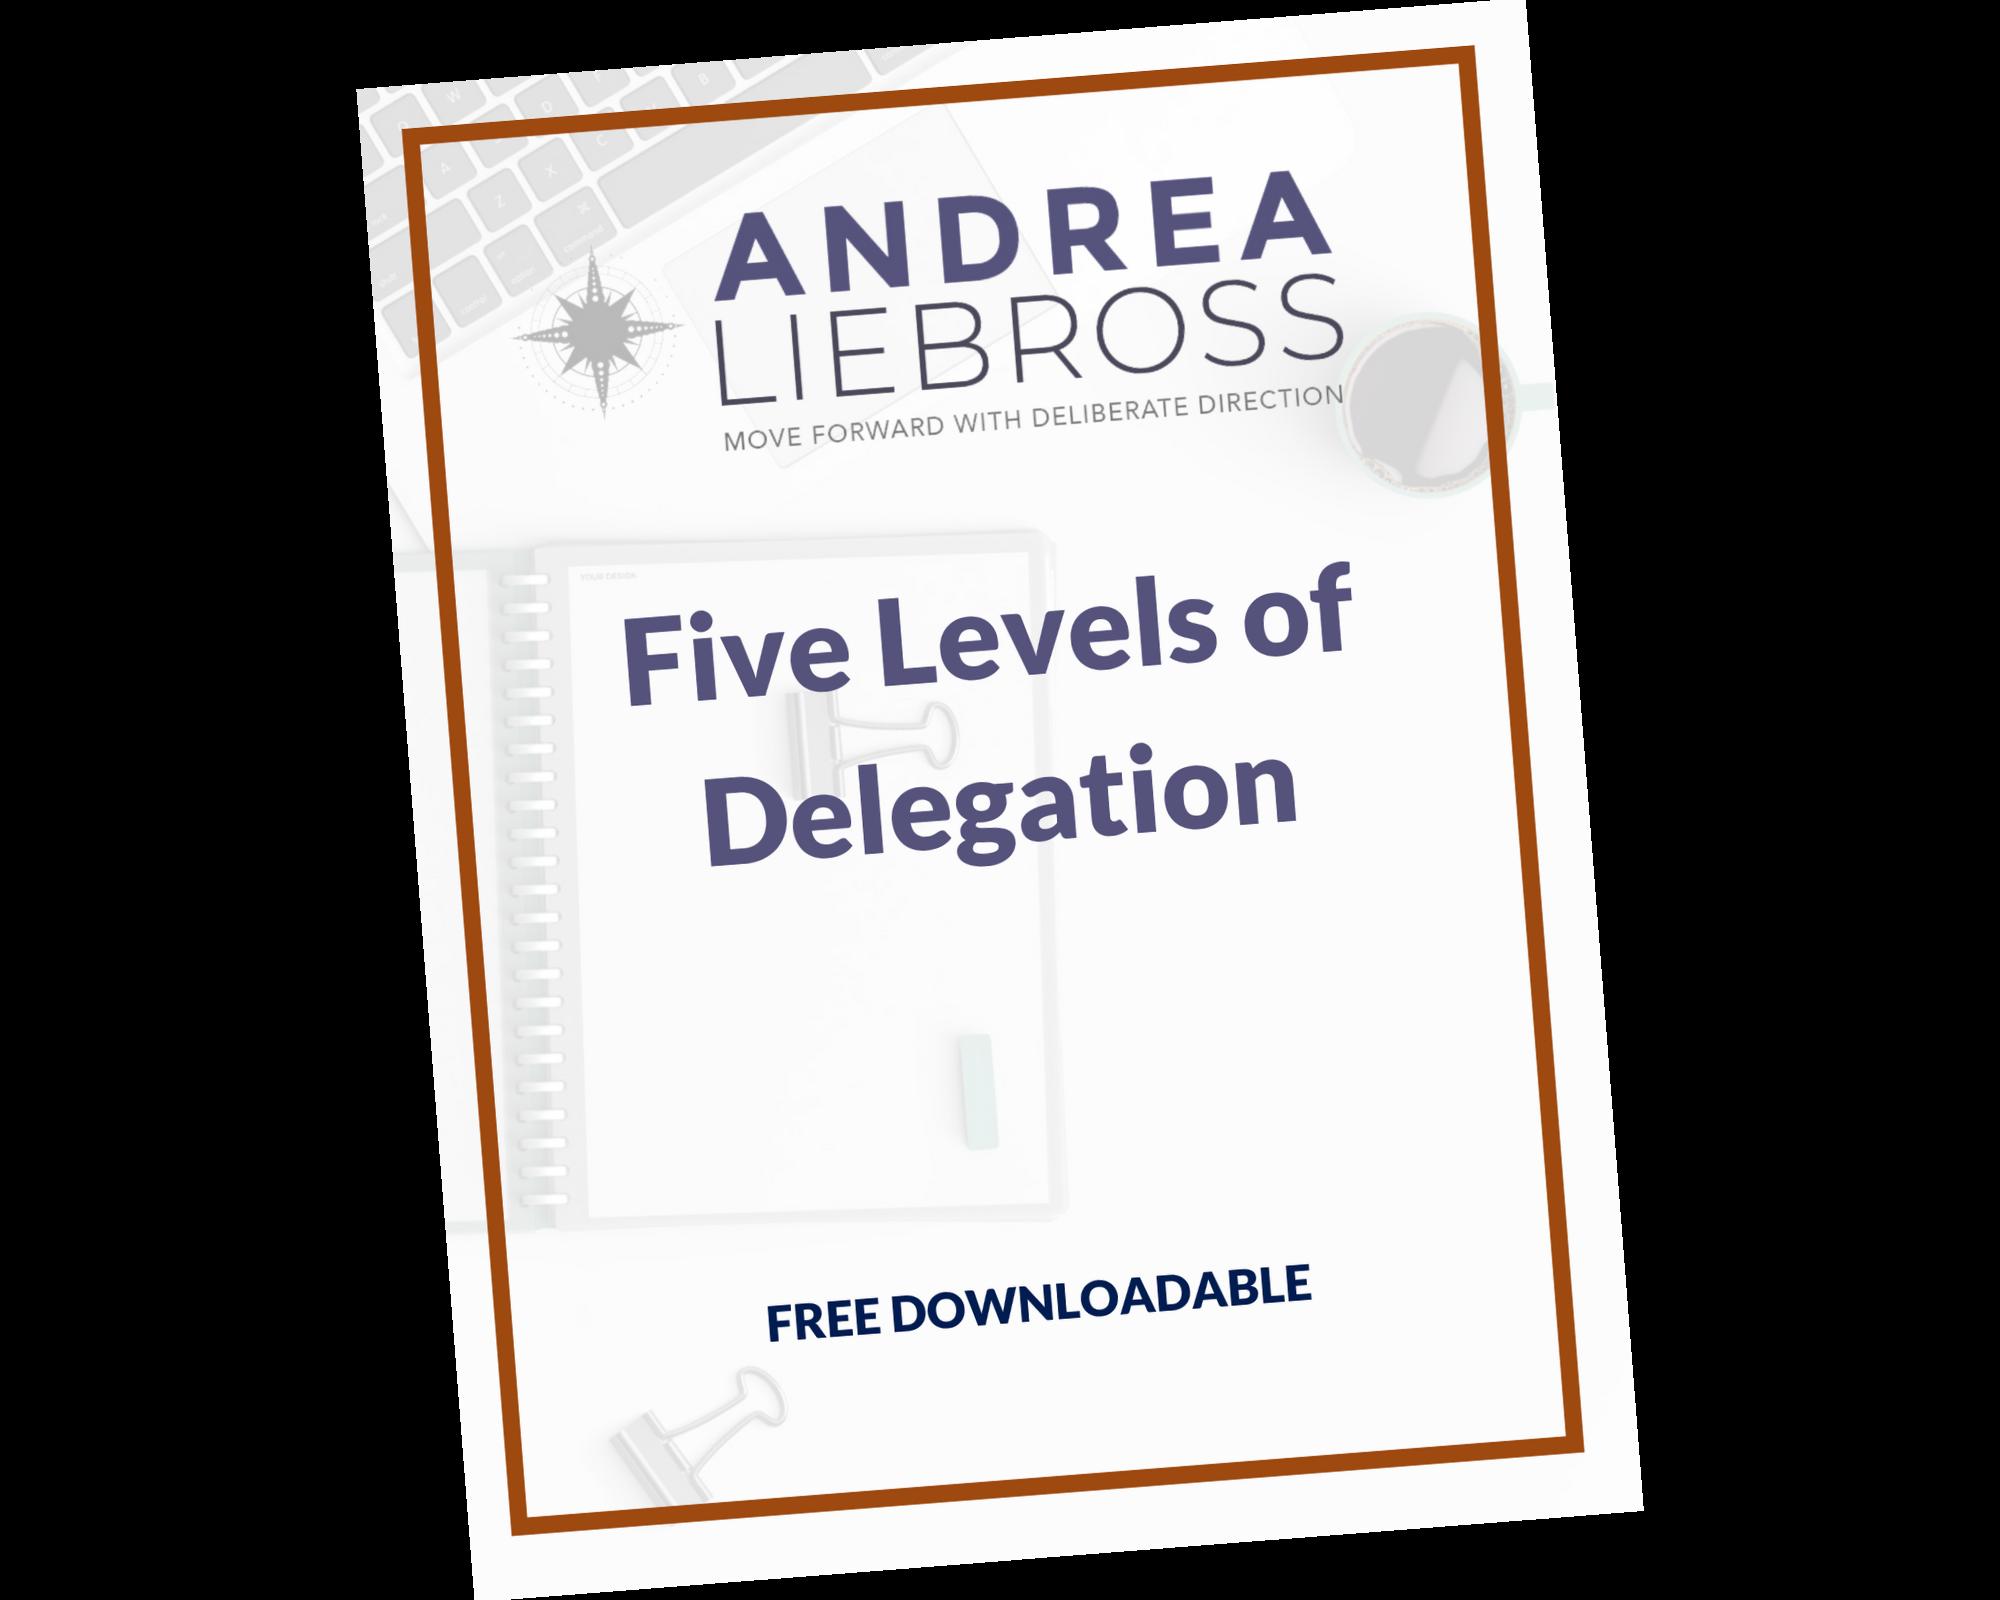 Five Levels of Delegation